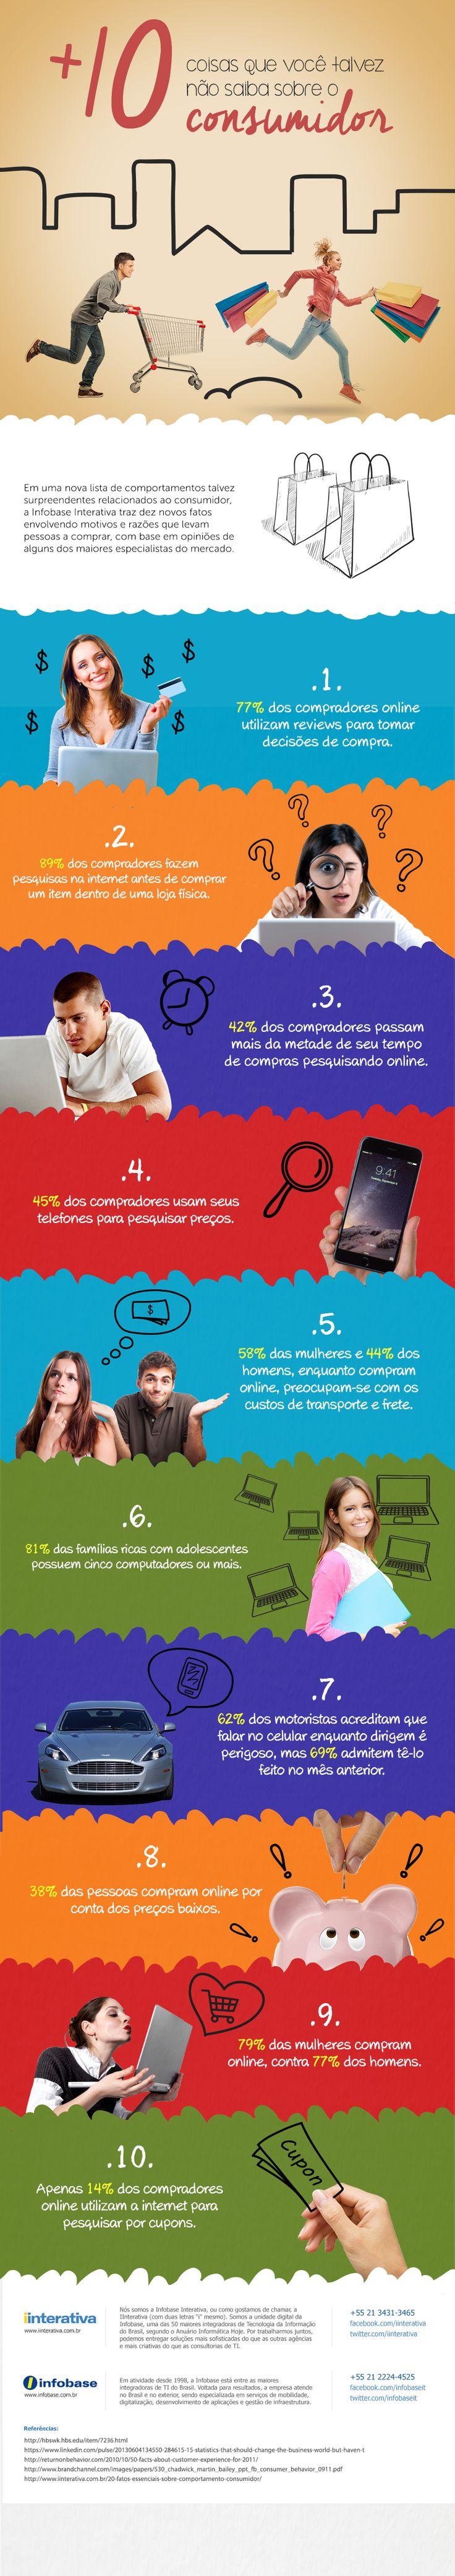 Infográfico – Mais 10 coisas que você talvez não saiba sobre o consumidor http://www.iinterativa.com.br/infografico-mais-10-coisas-voce-talvez-nao-saiba-sobre-consumidor/